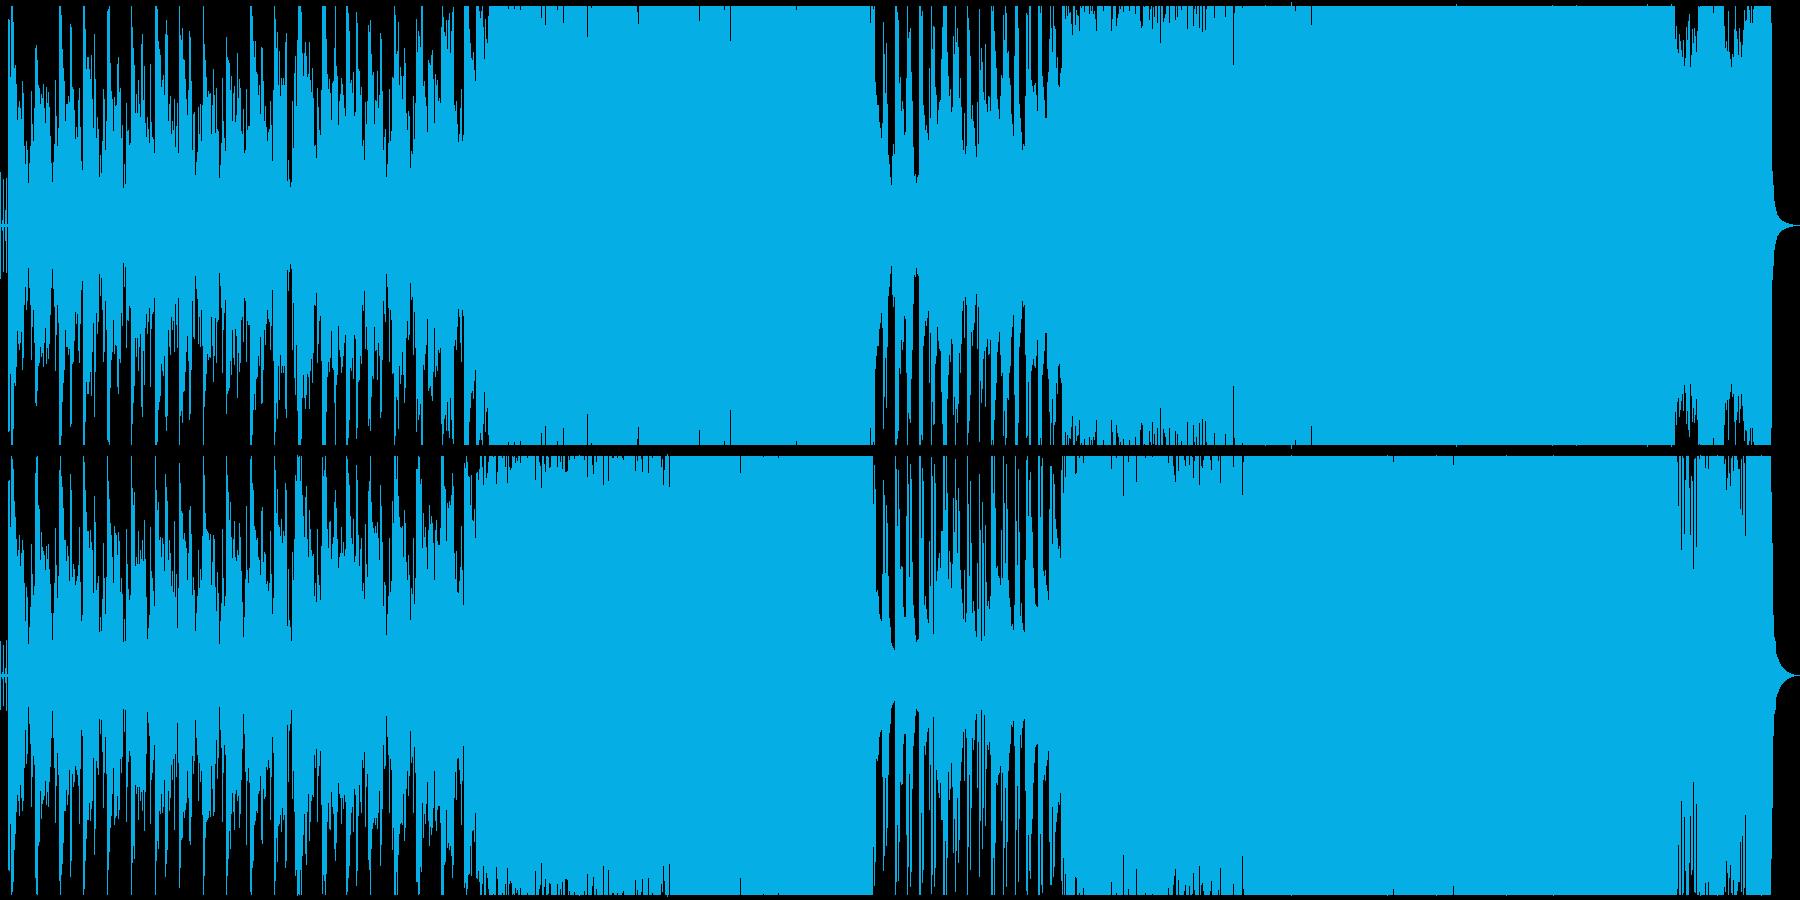 静かに始まってだんだんエモくなる曲の再生済みの波形